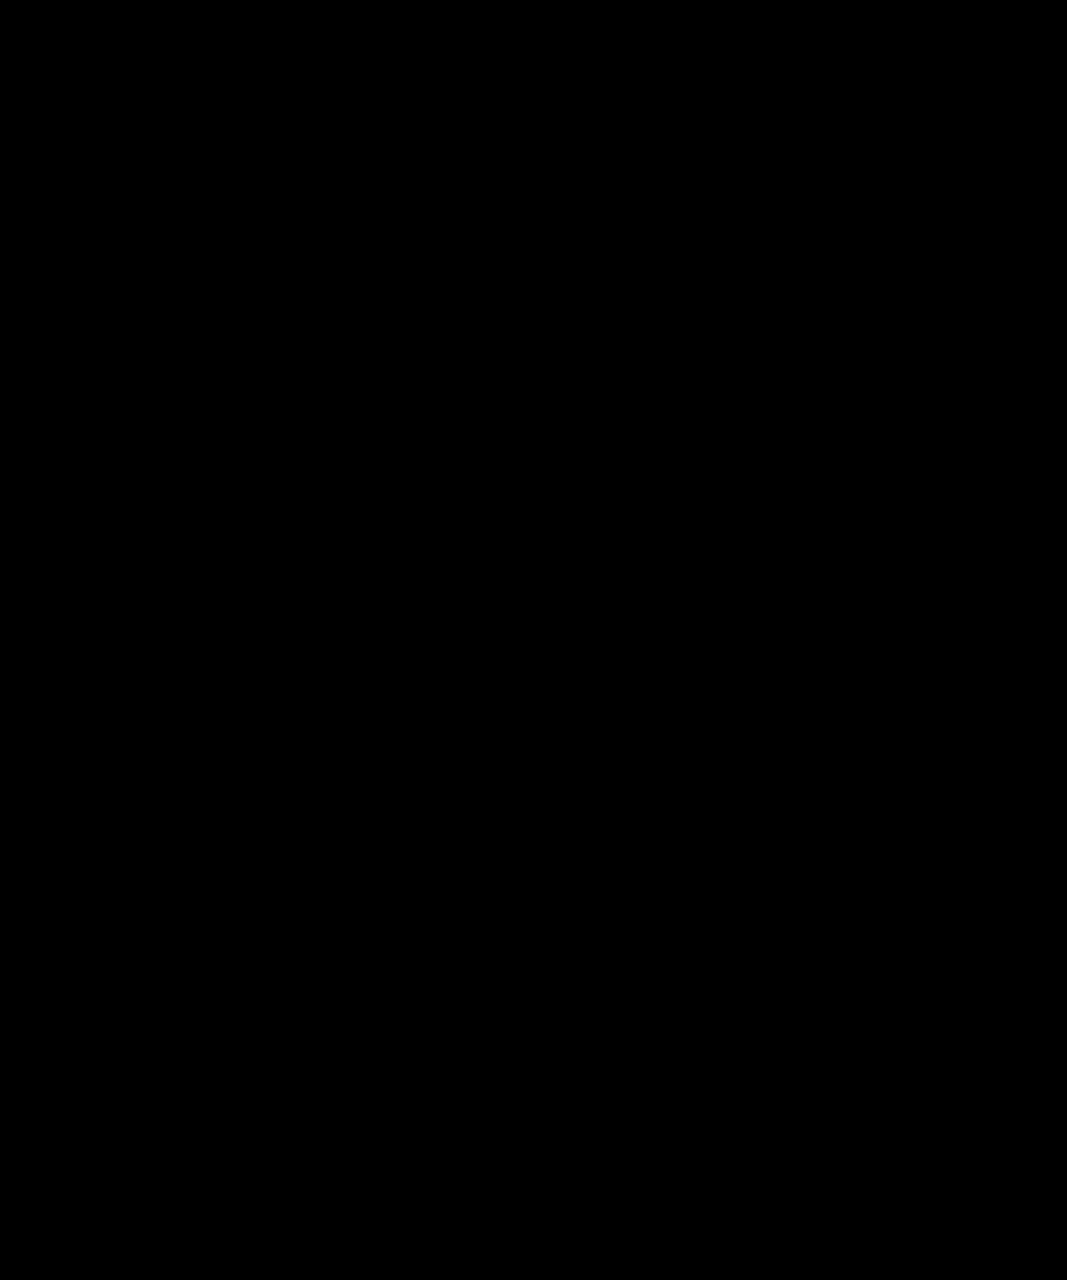 Pin Von Eva Hasel Auf Plotterideen Scherenschnitt